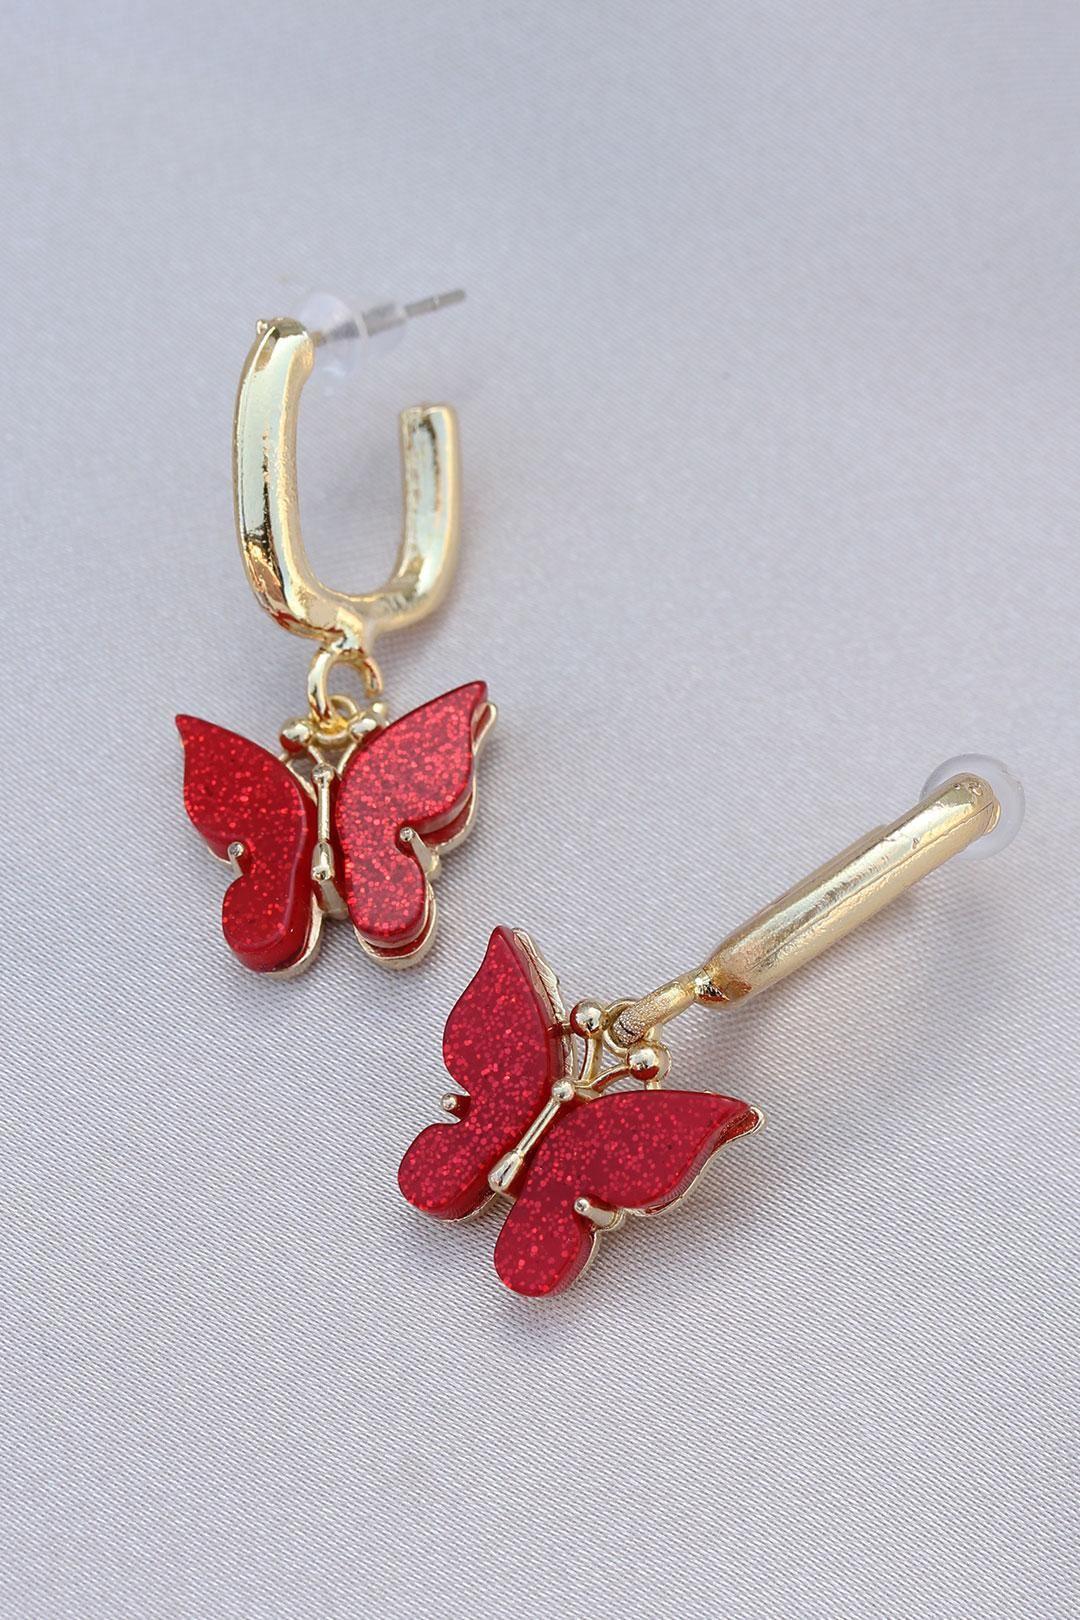 Pullu Kırmızı Kelebek Model Küpe